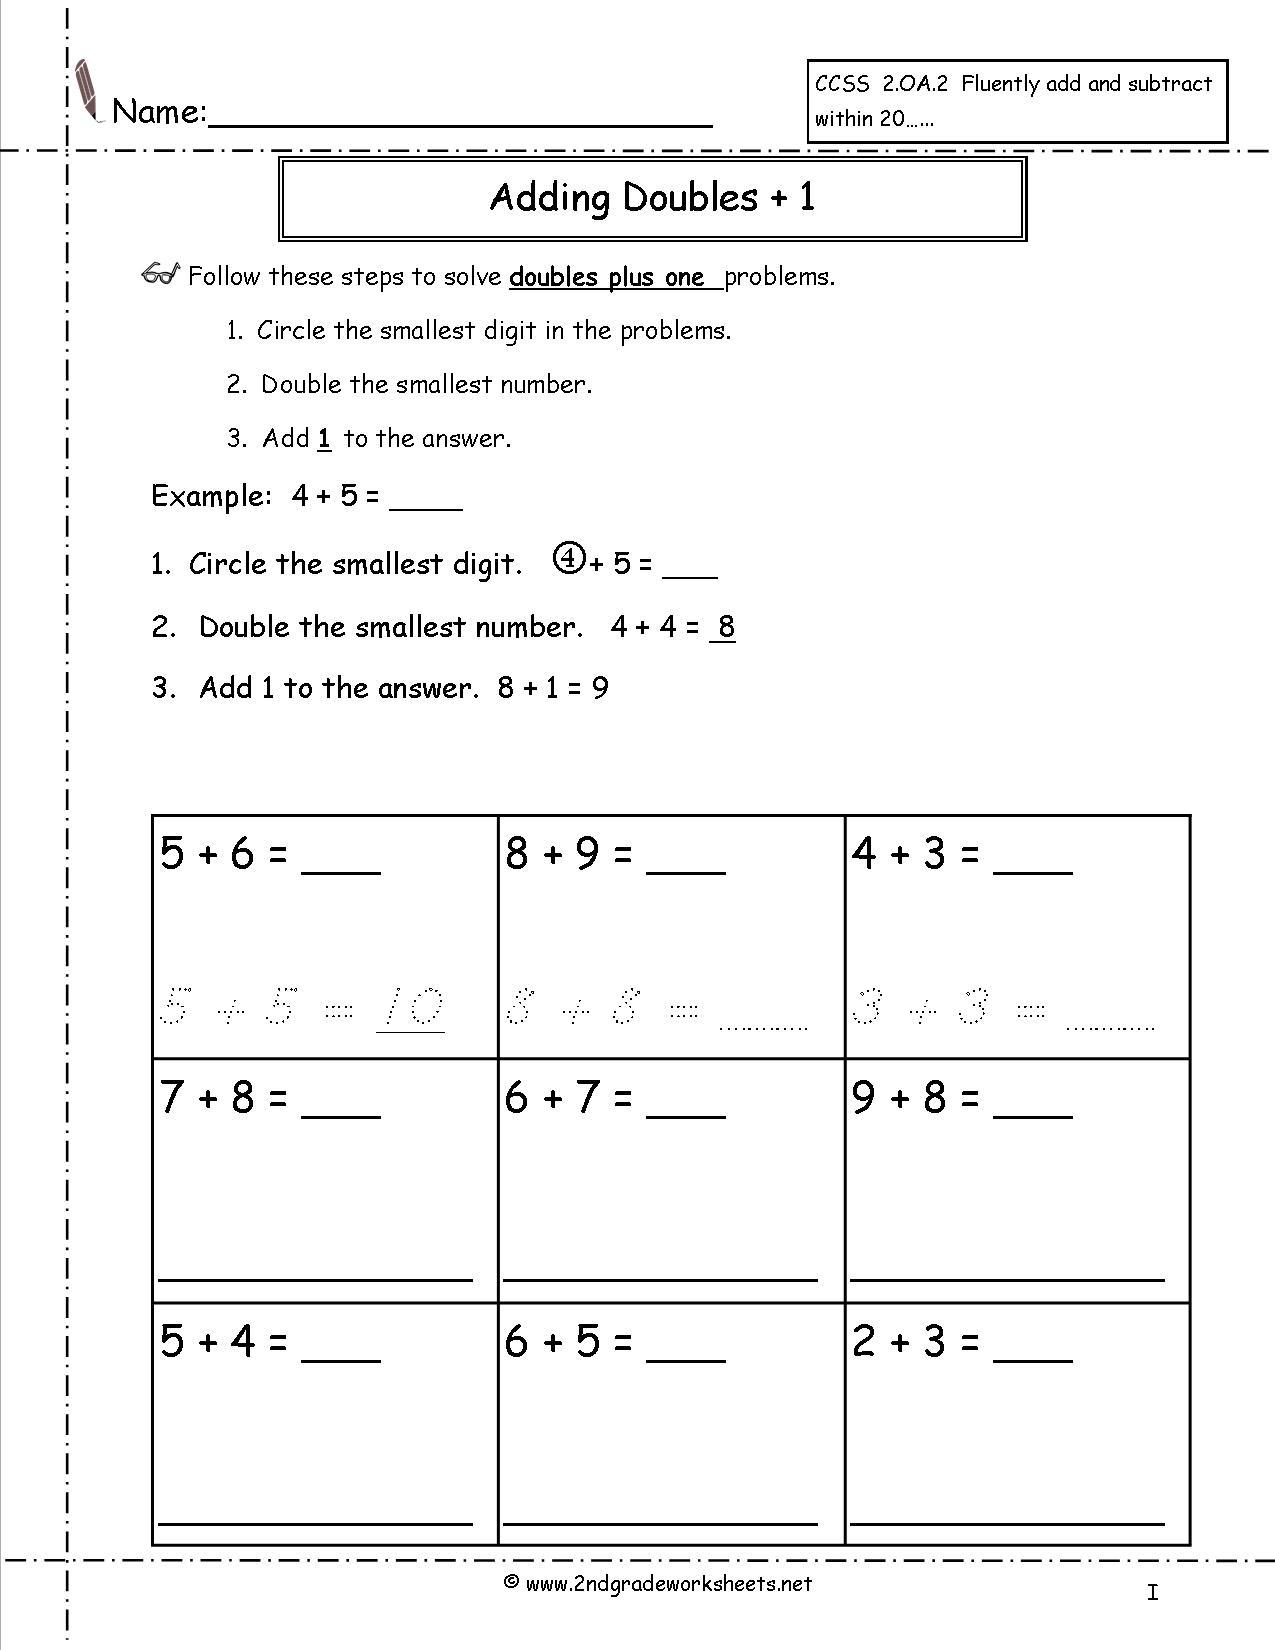 16 Best Images Of Number Fluency Worksheet